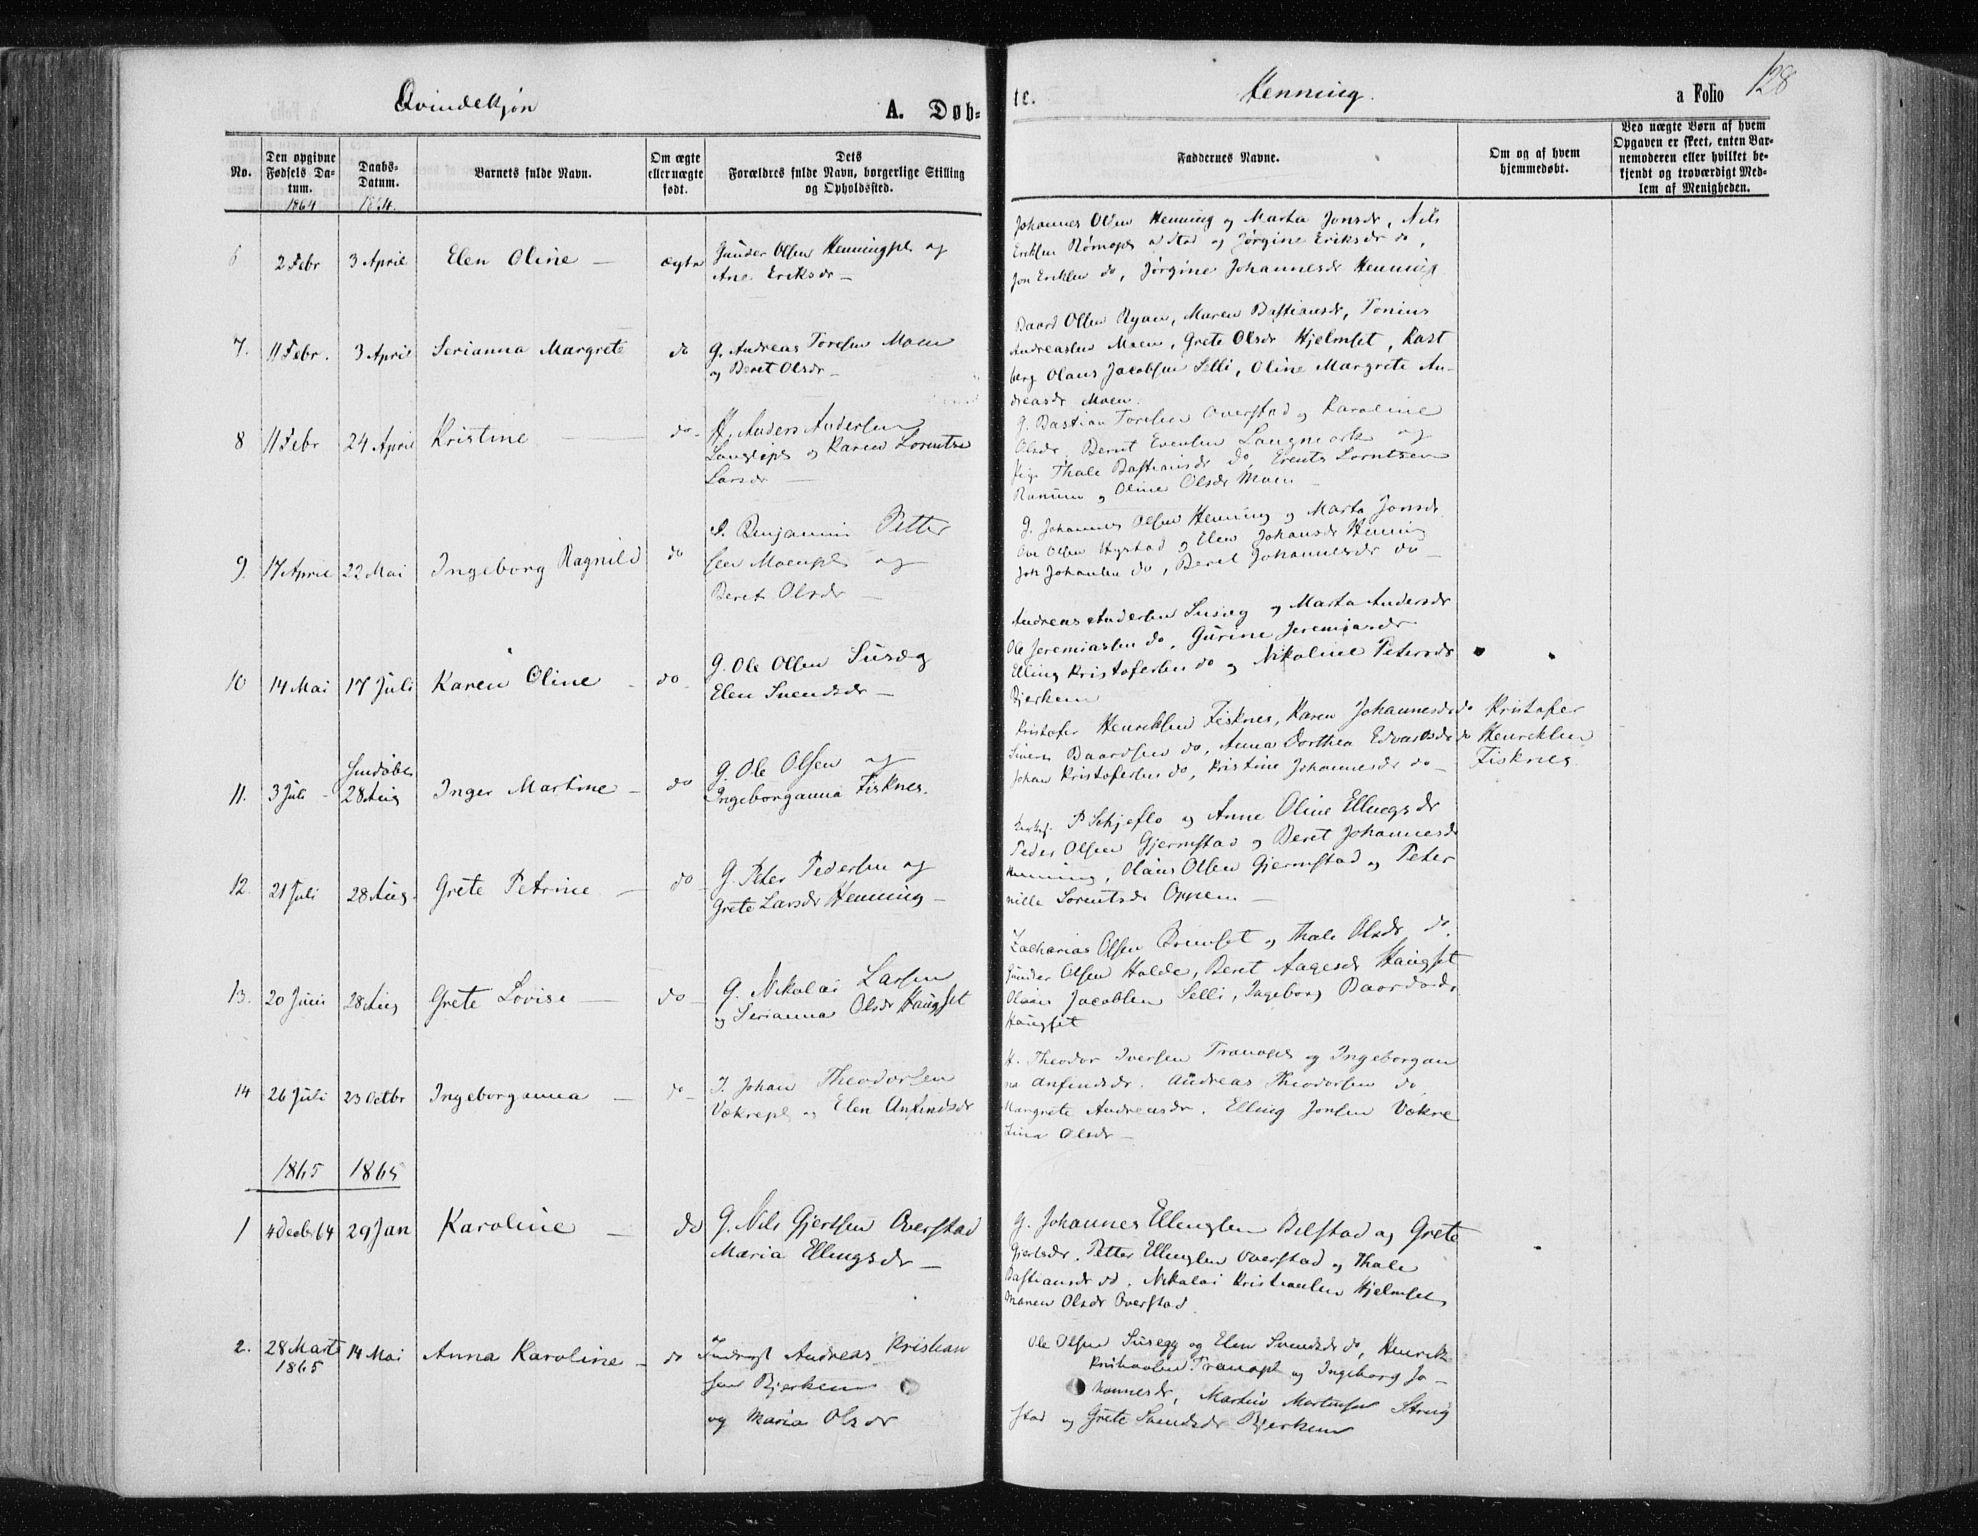 SAT, Ministerialprotokoller, klokkerbøker og fødselsregistre - Nord-Trøndelag, 735/L0345: Ministerialbok nr. 735A08 /3, 1863-1872, s. 128